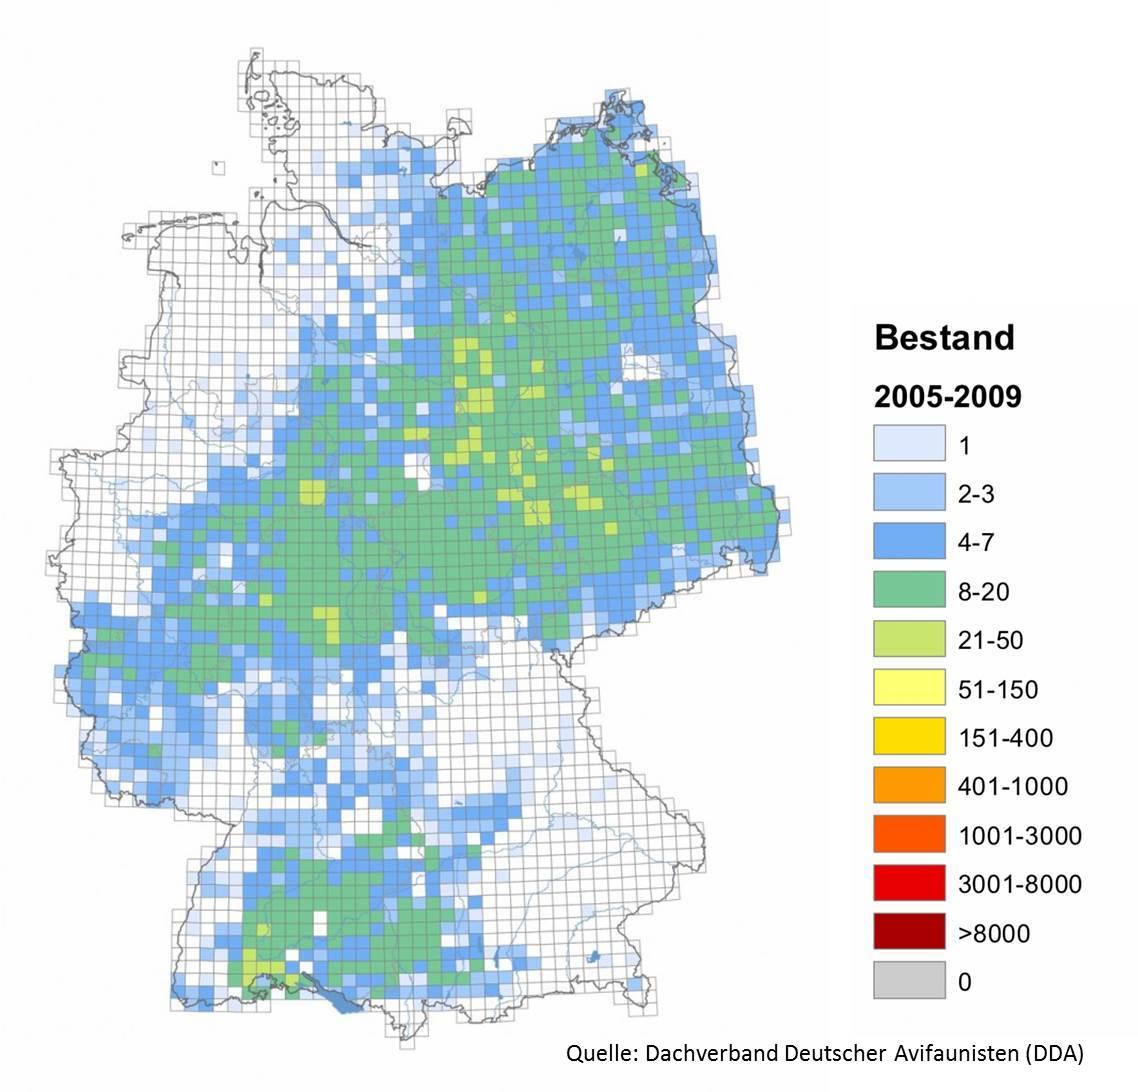 Der Brutbestand in Deutschland. Blau bedeutet eine niedrige Dichte des Brutbestandes, Rot eine hohe Dichte. Die Daten wurden im Rahmen der Erstellung des Deutschen Brutvogelatlas -ADEBAR - erhoben.